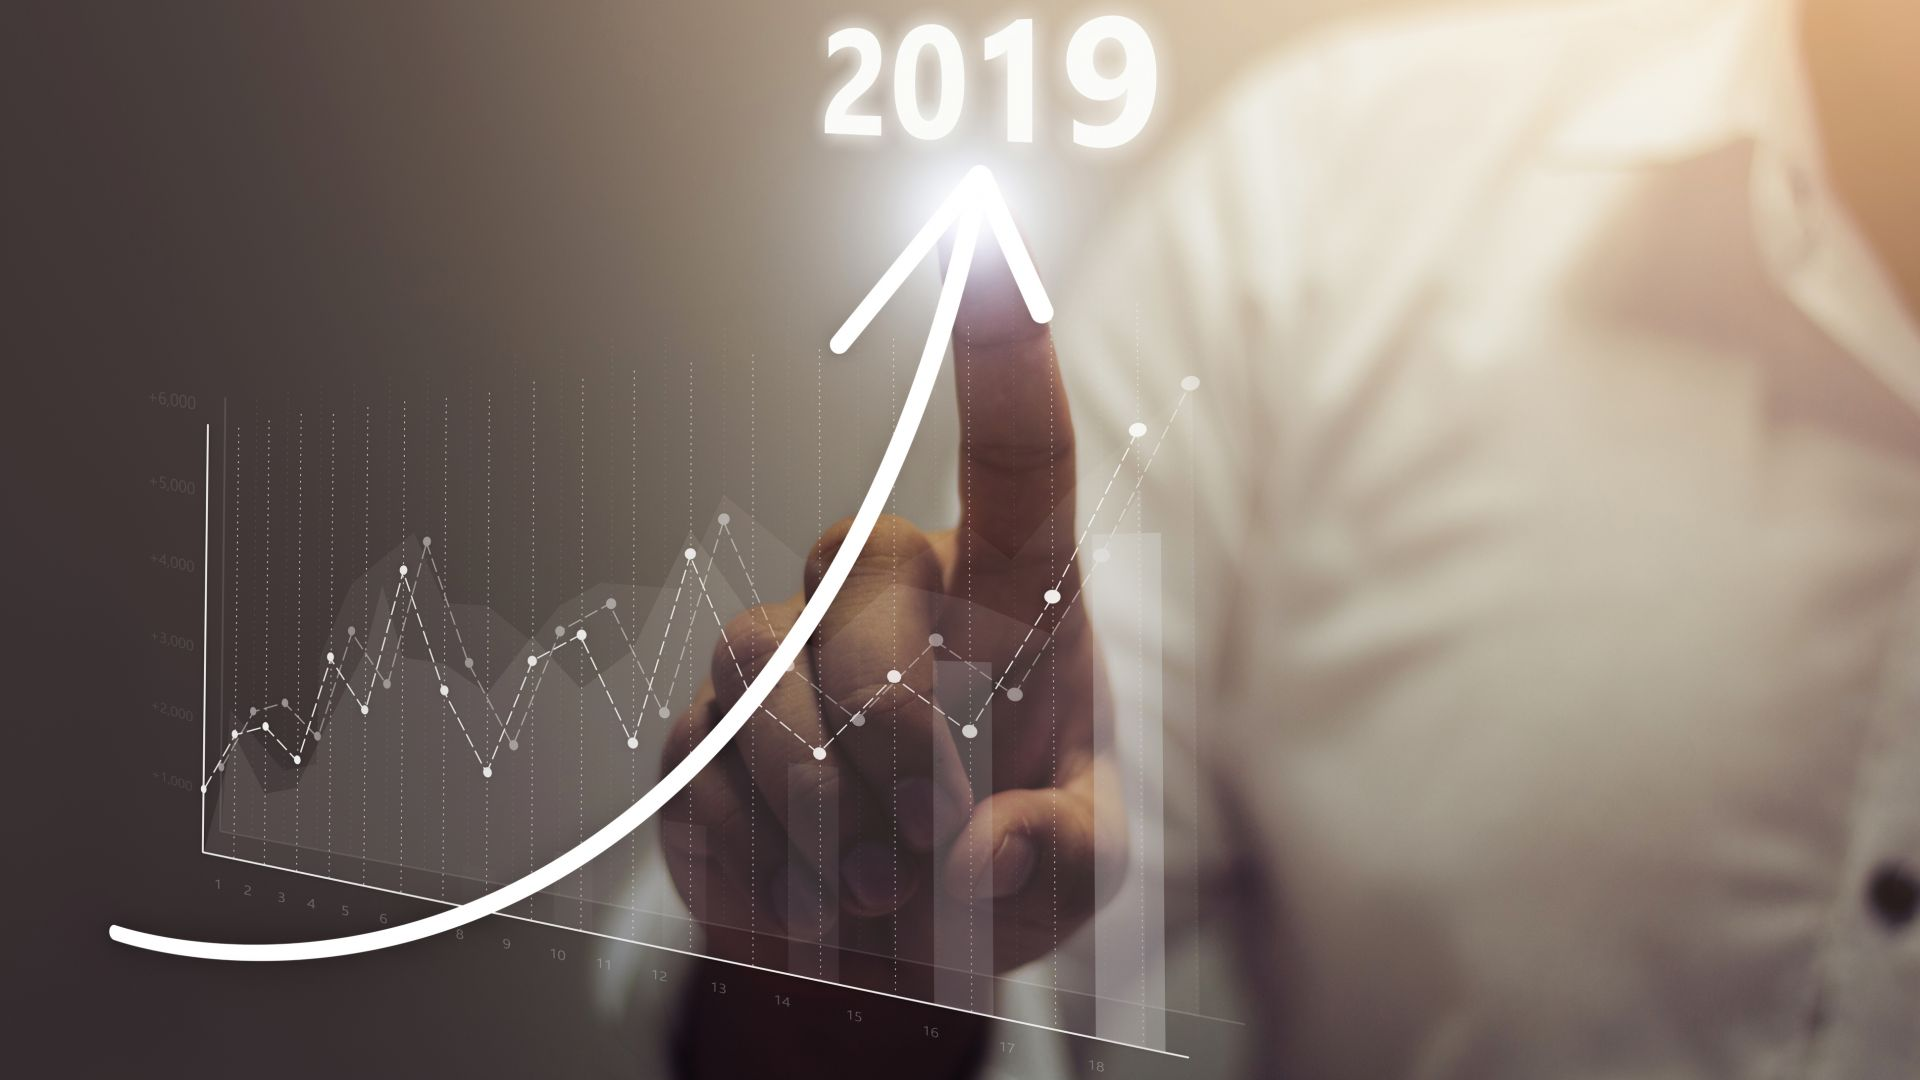 ЕК повиши прогнозите си за икономически растеж в България за 2019 г.